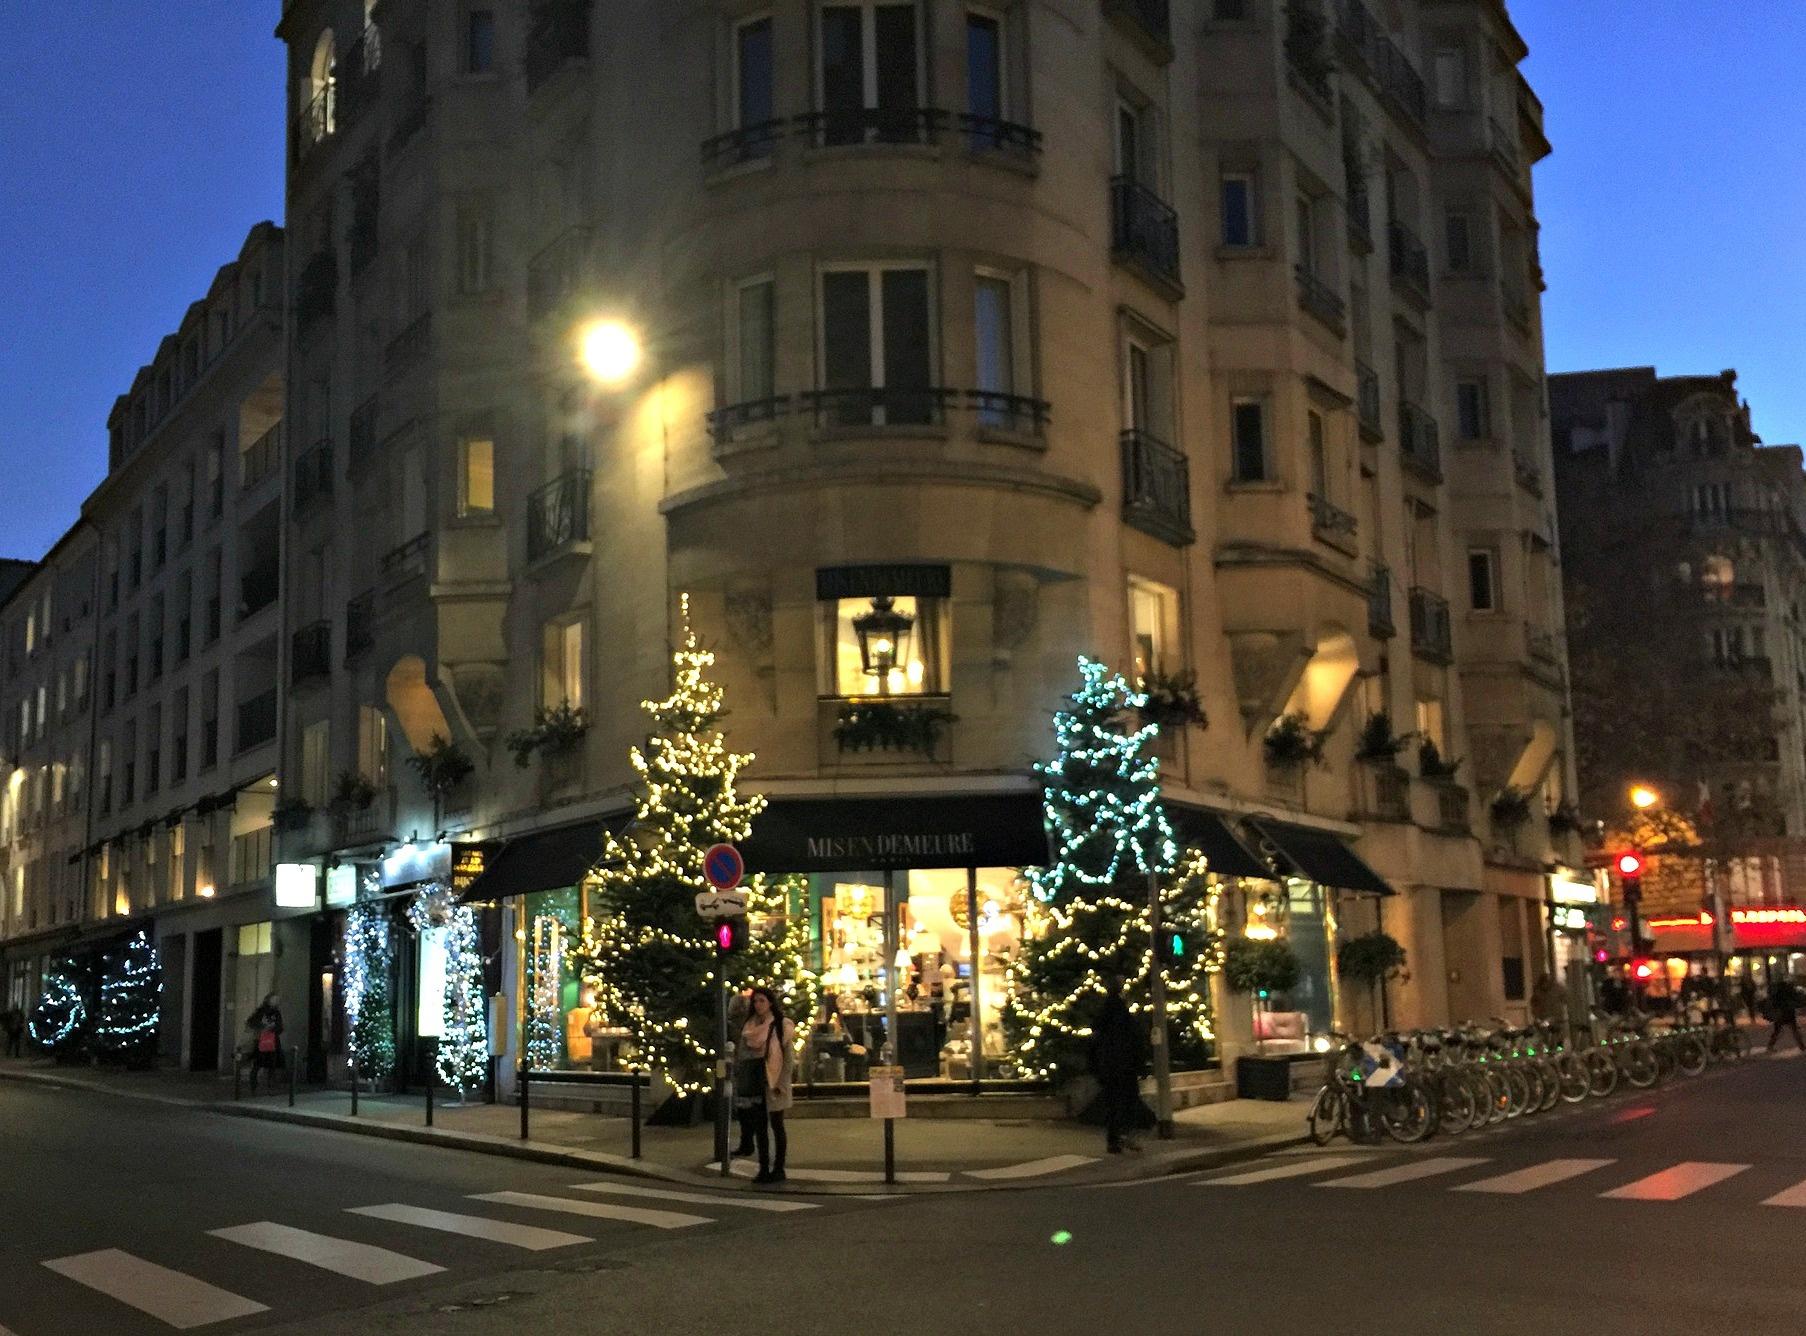 Christmas decor rue Cherche-Midi